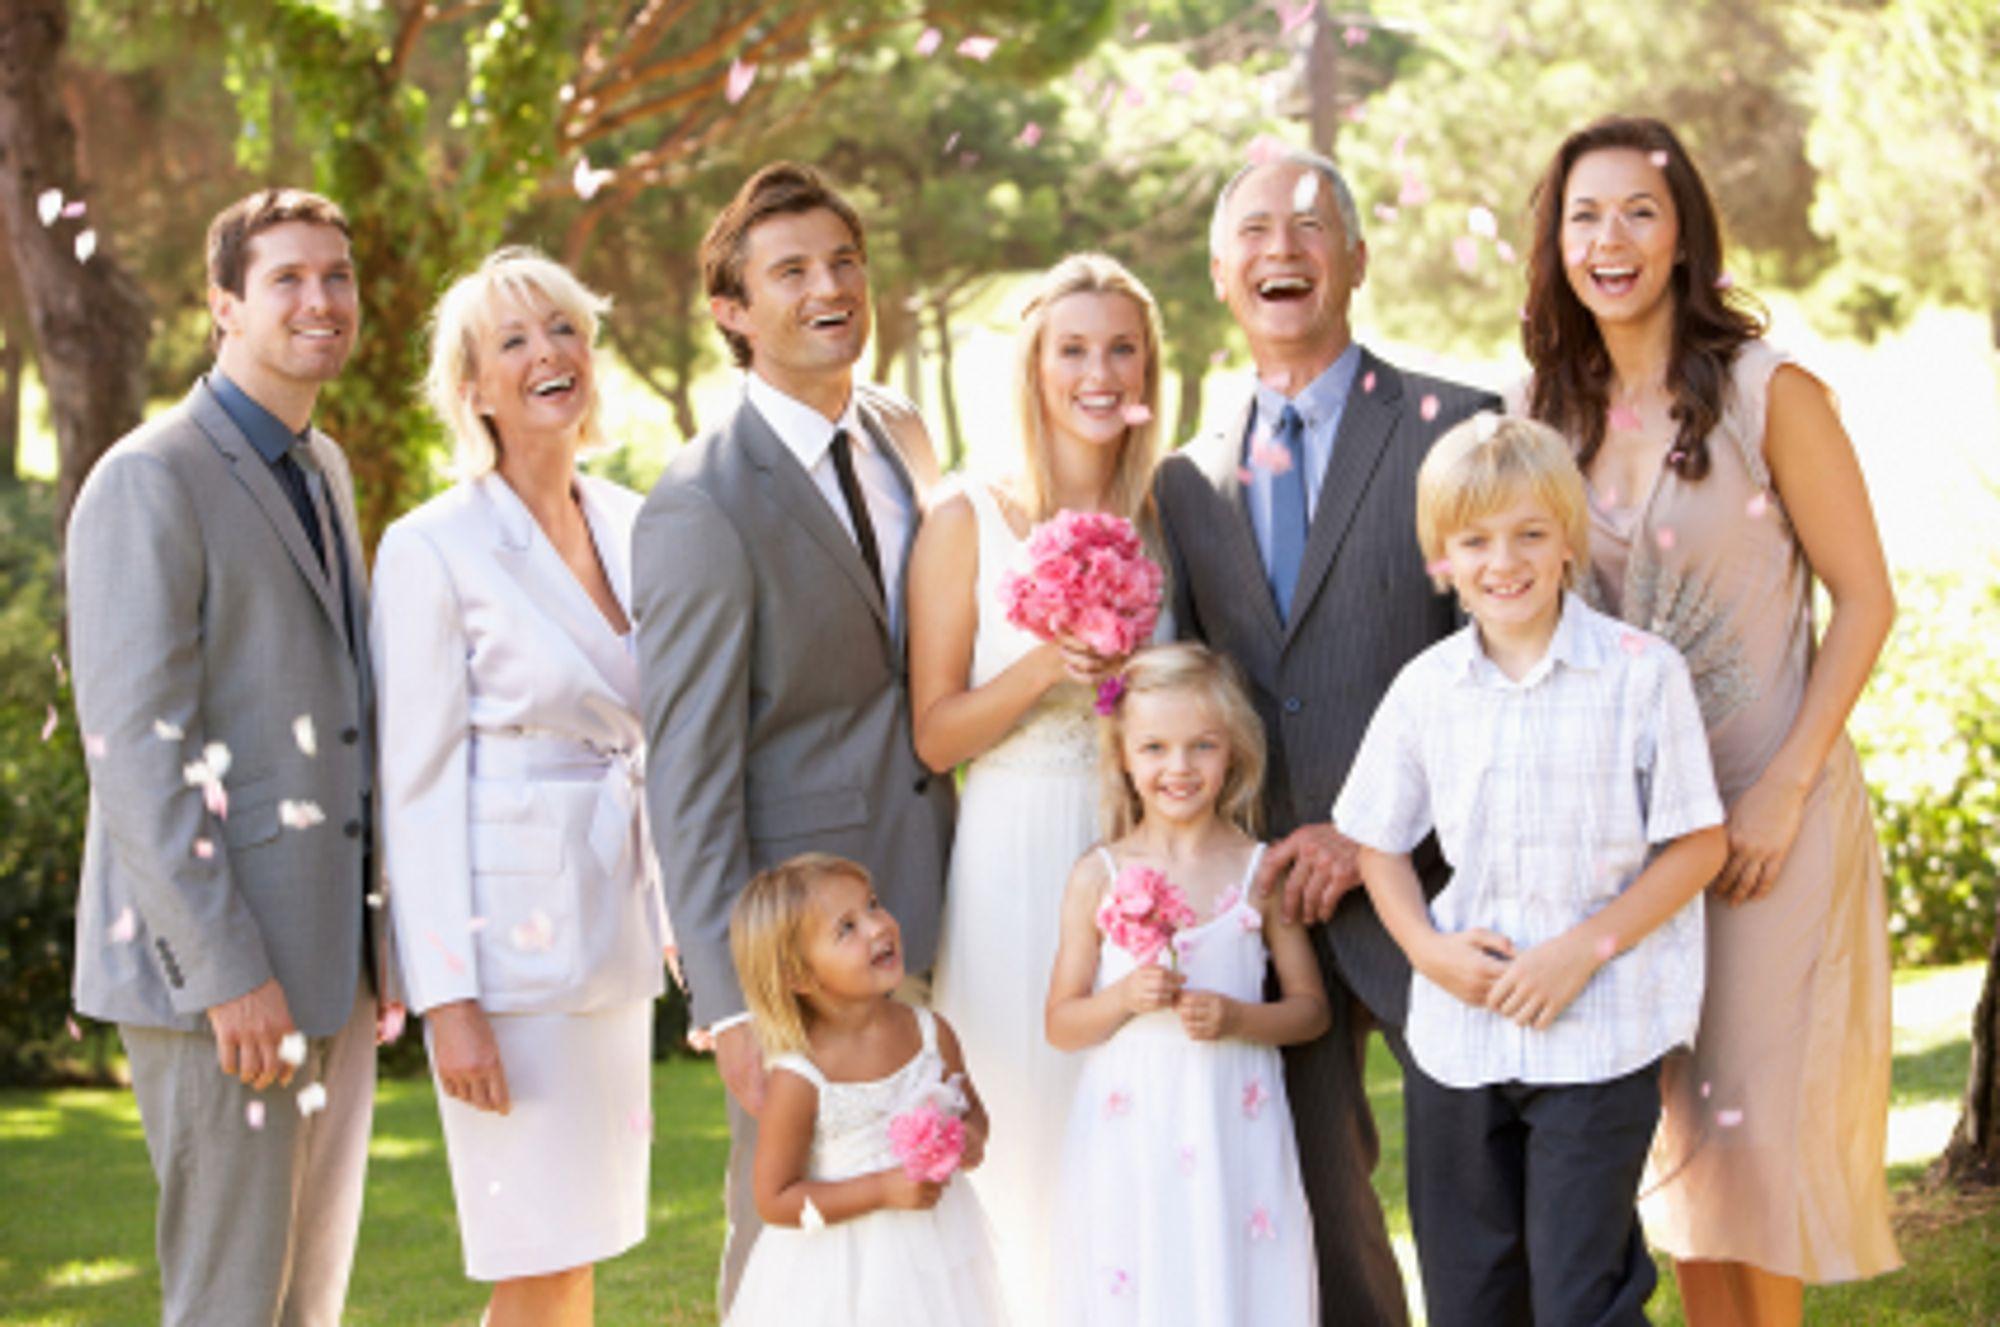 familiene forhold bilde